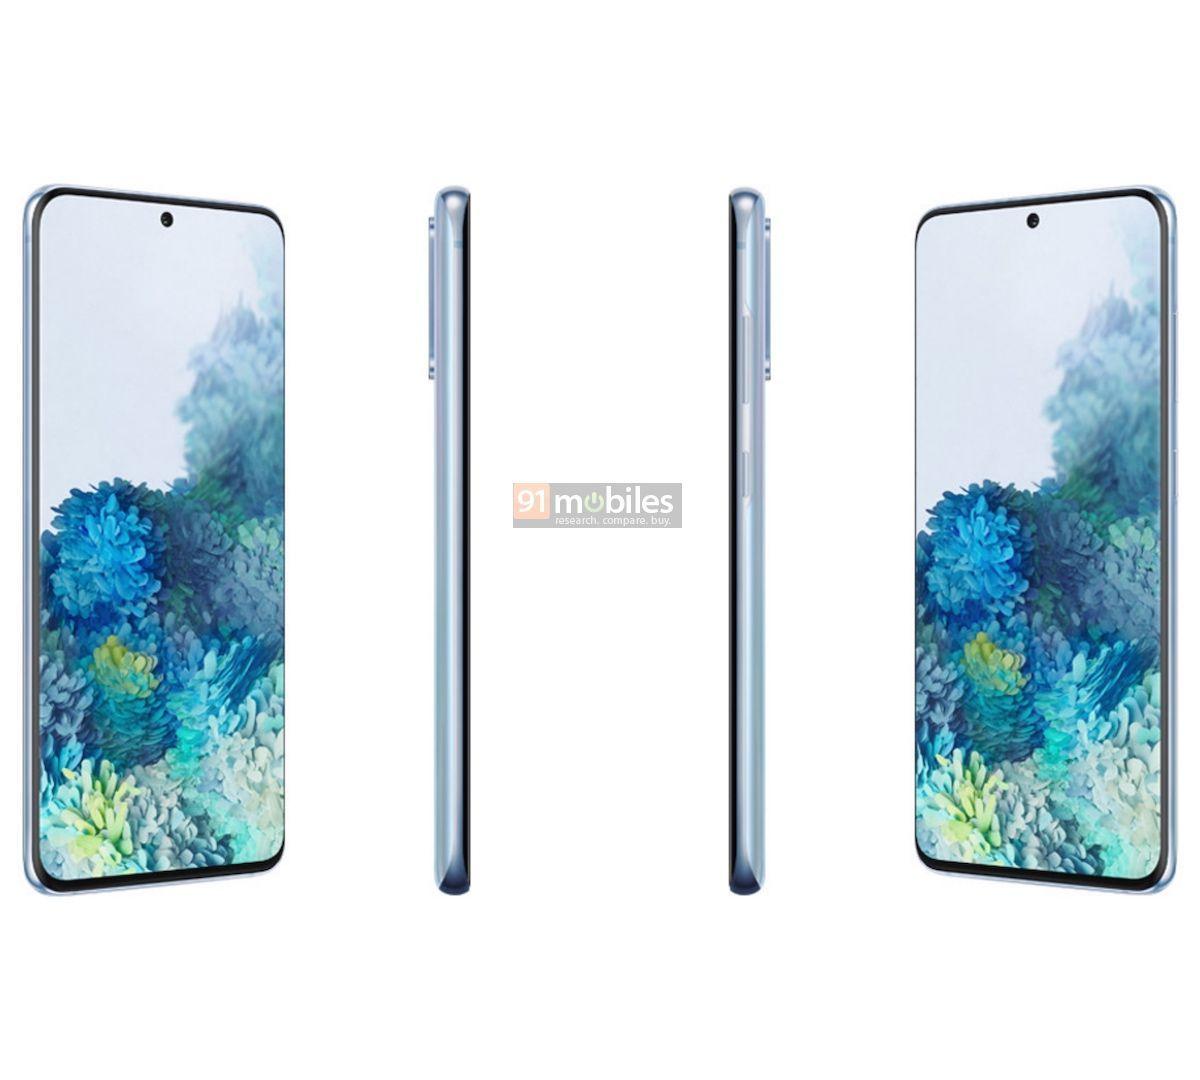 Samsung Galaxy Fold 2 (aka Galaxy Z Flip) features get leaked